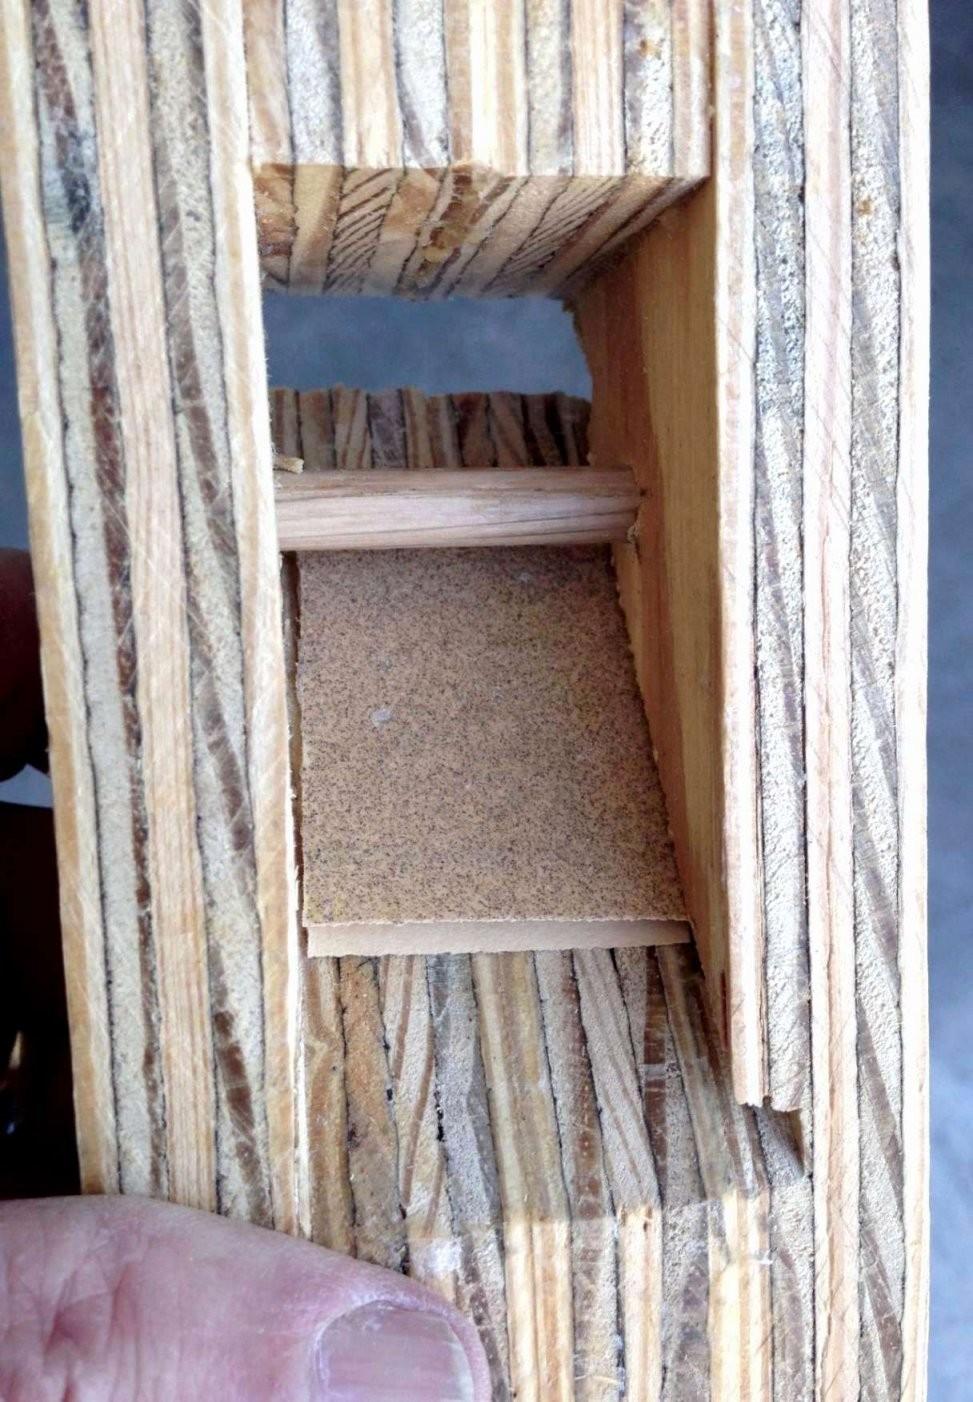 42 Kollektion Garten Holzwand Bilder  Komplette Ideen Privatsphäre von Holzwand Wohnzimmer Selber Bauen Photo